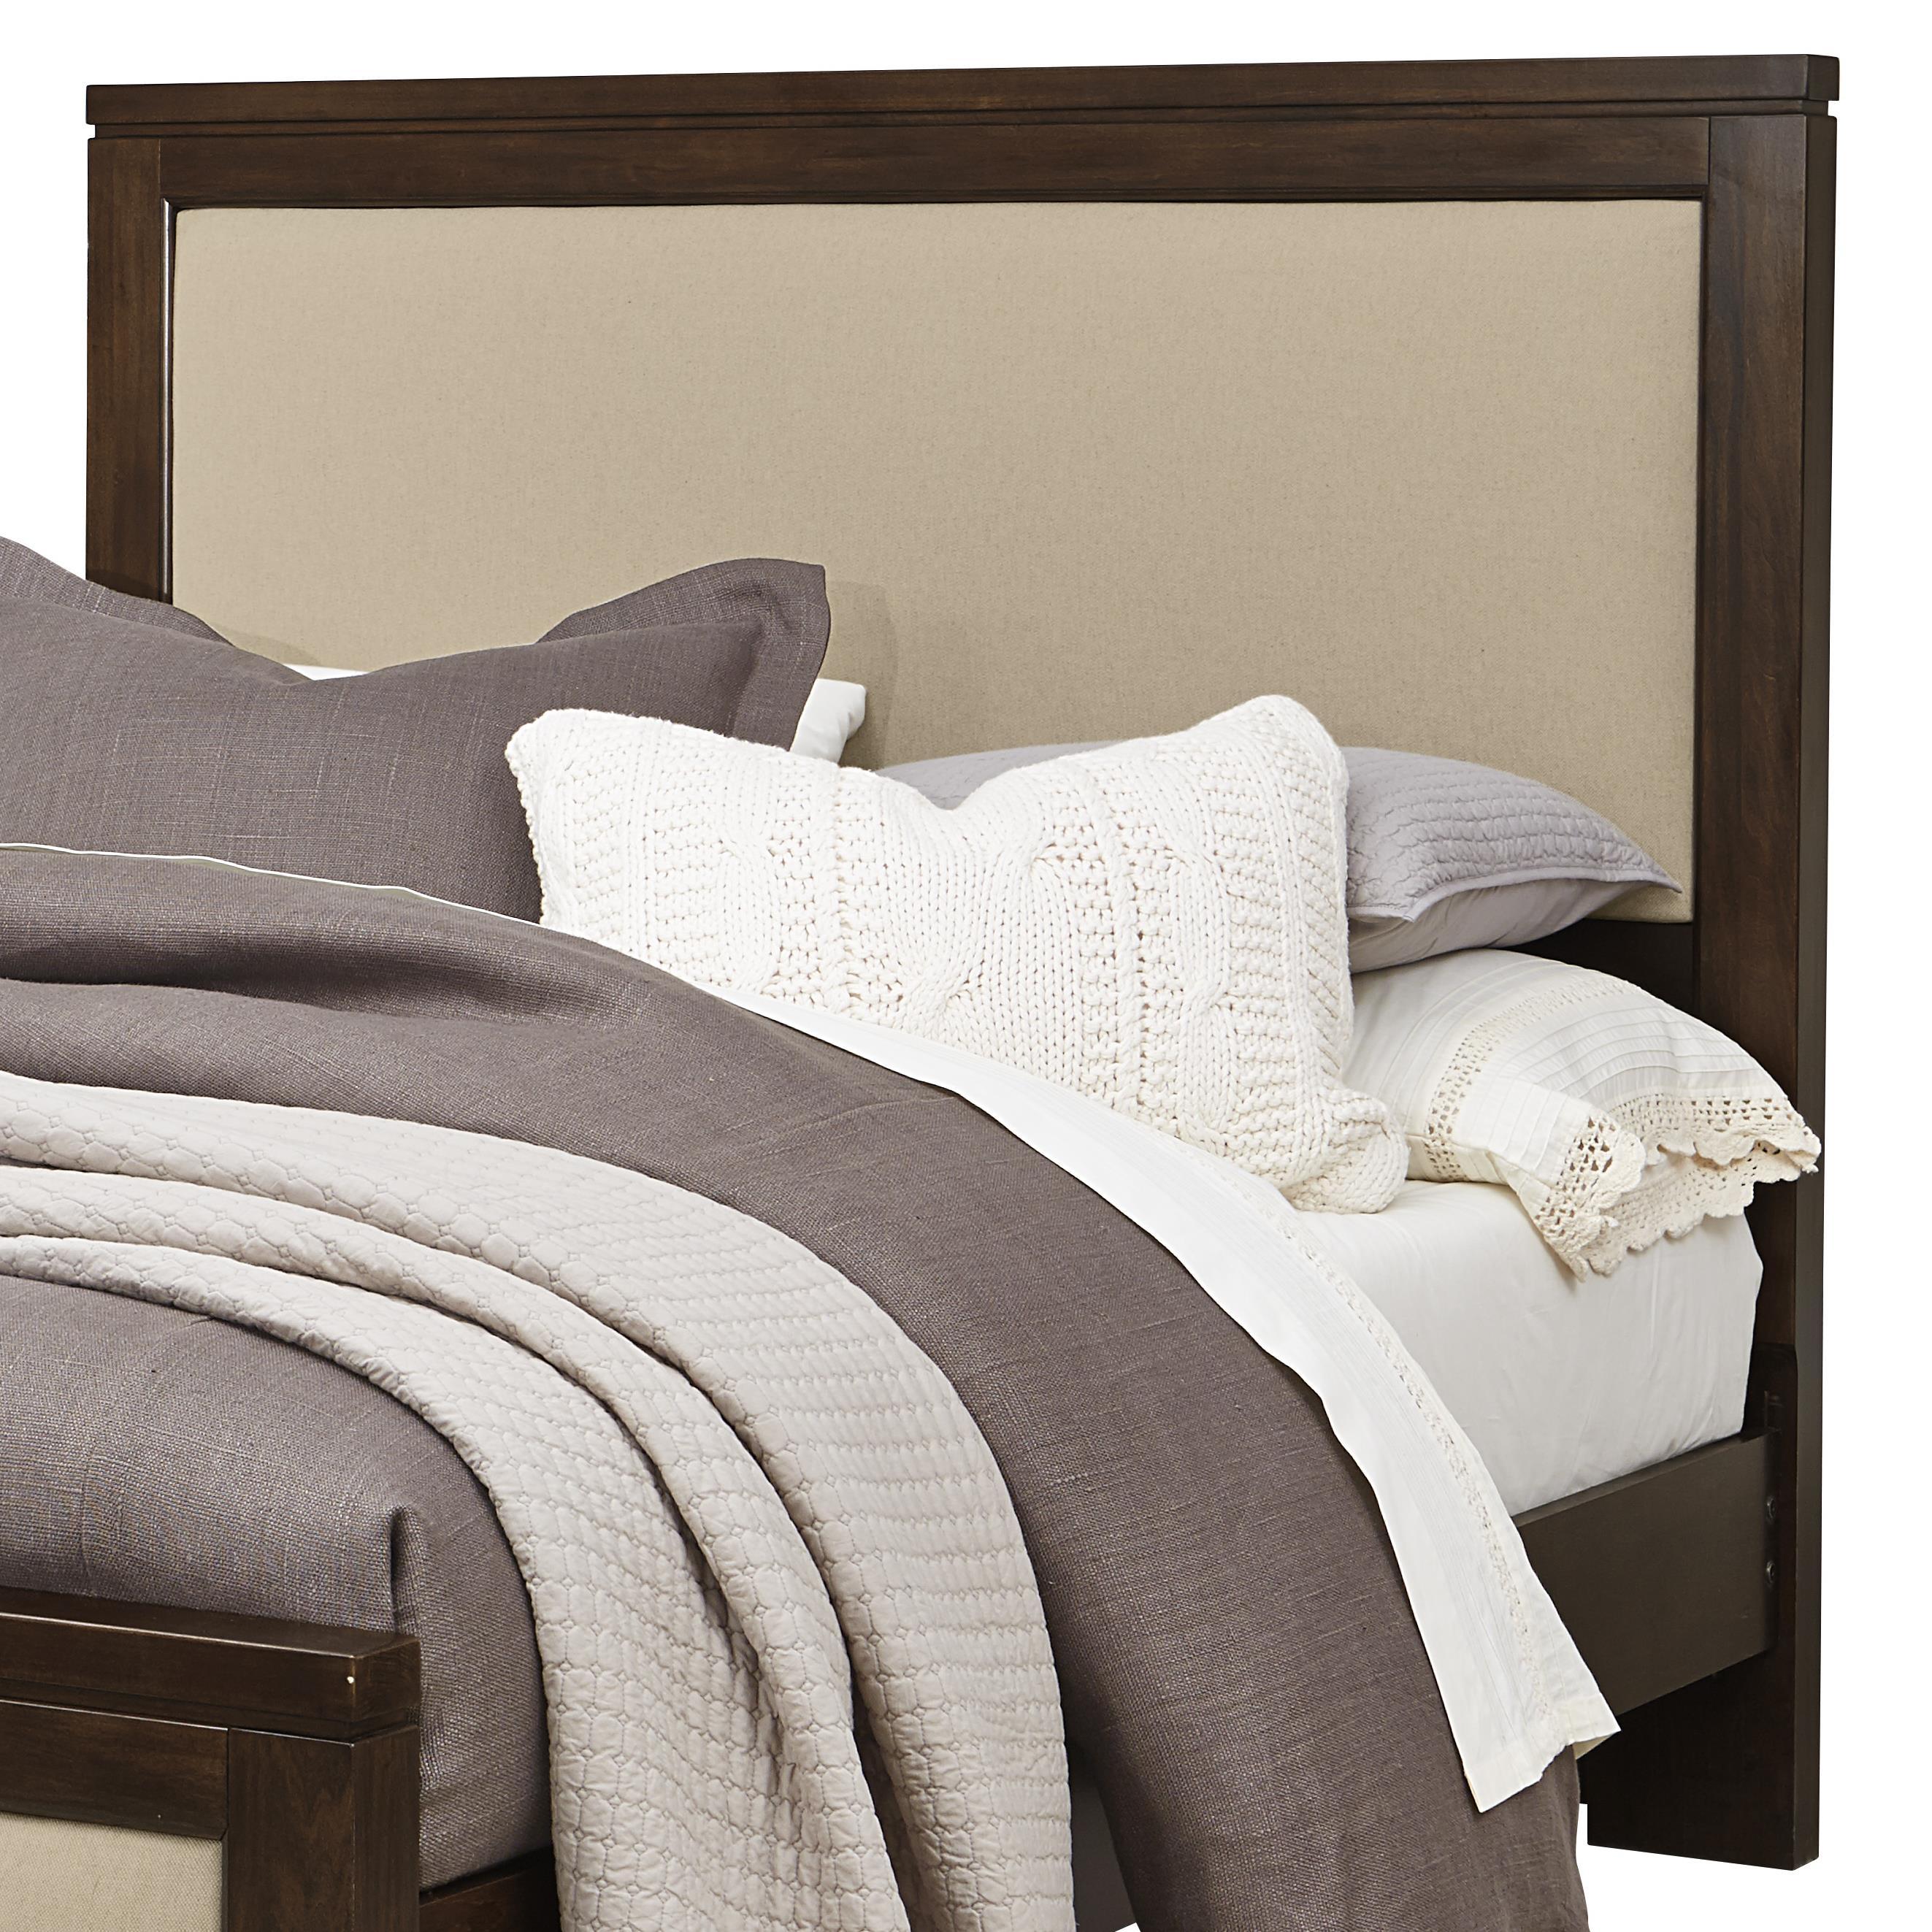 Vaughan Bassett Kismet King Upholstered Headboard, Base Cloth Linen - Item Number: 410-669